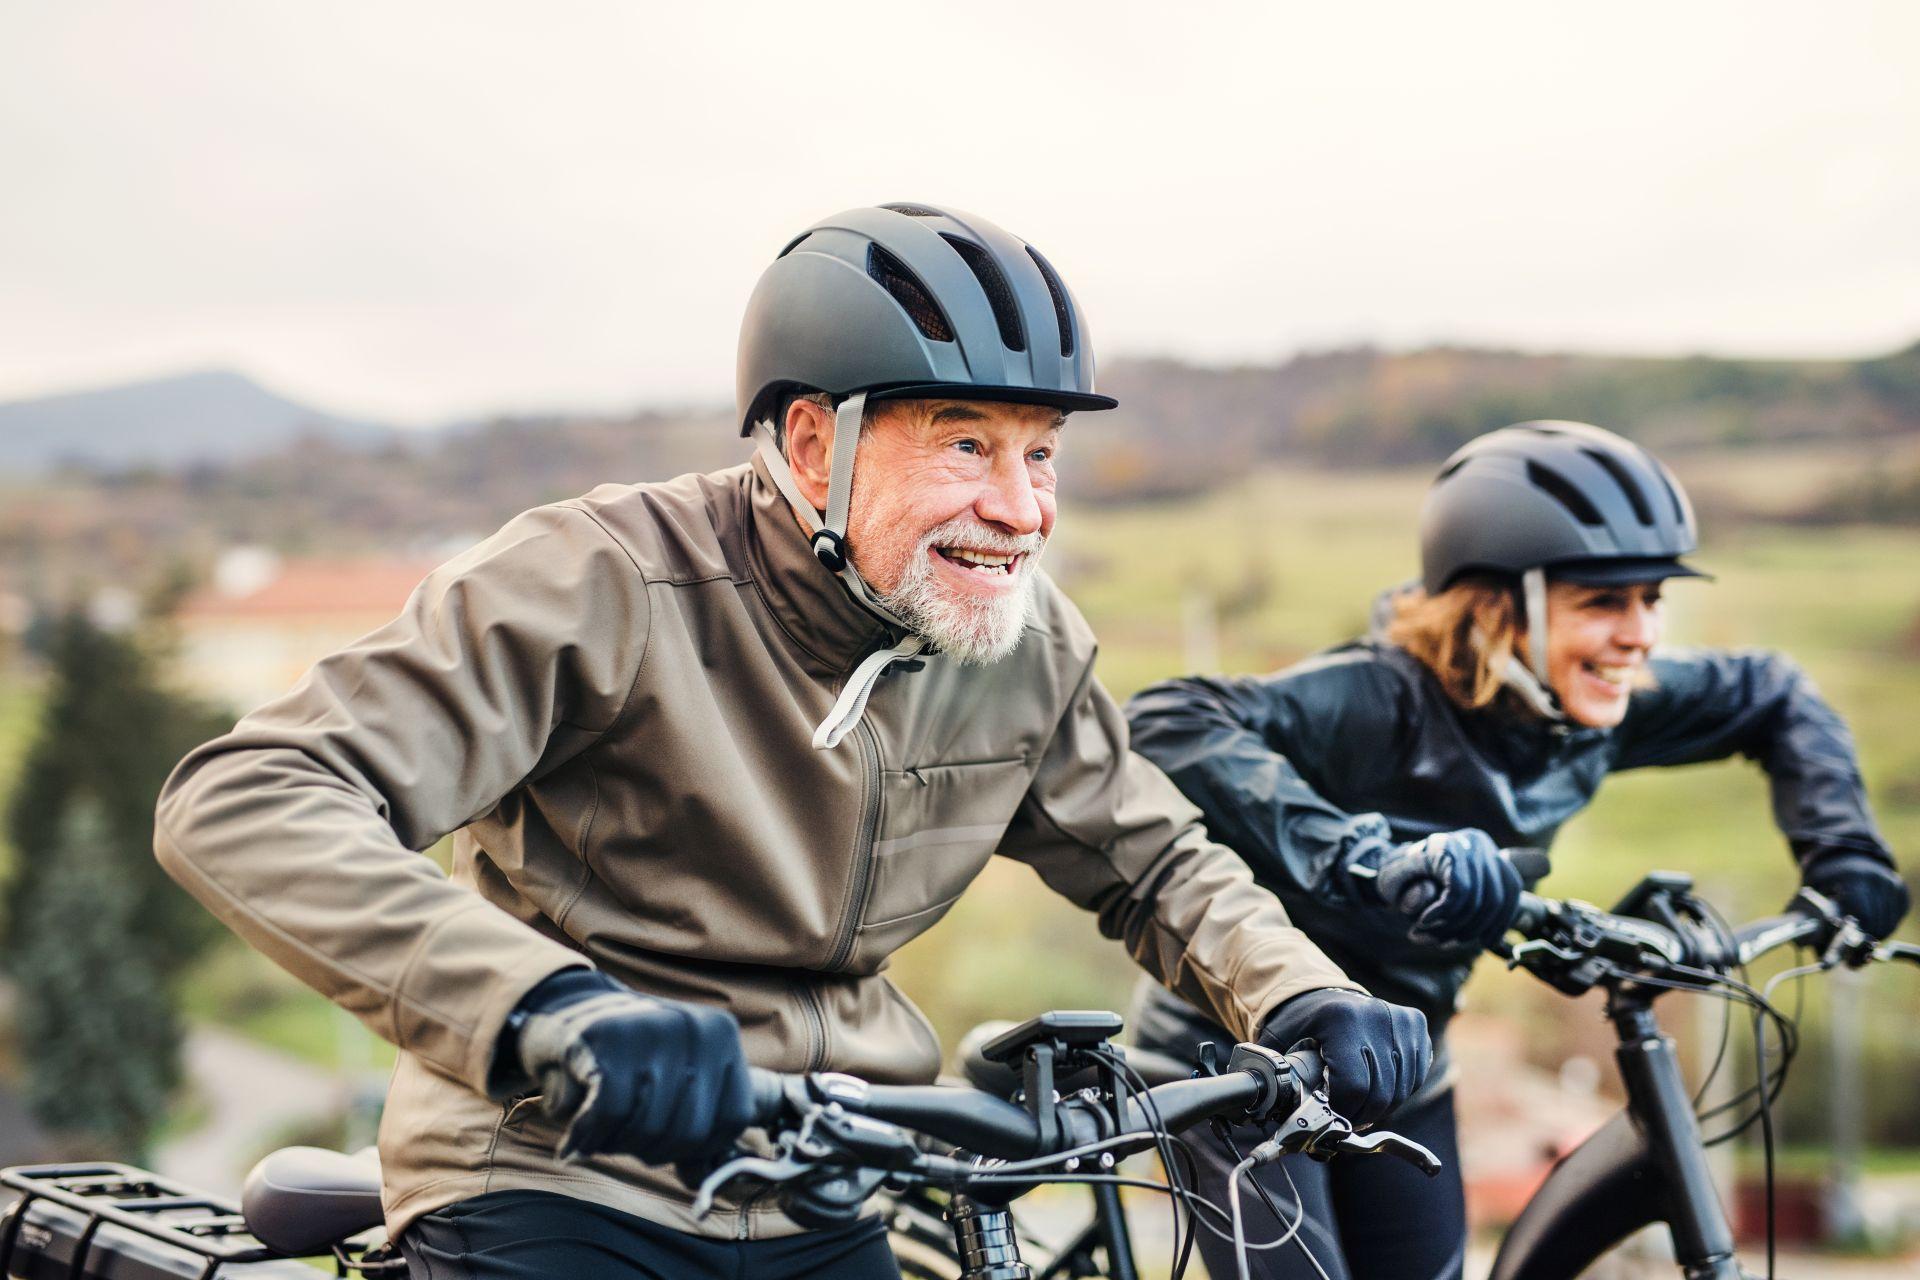 Aktywność fizyczna połączona ze zbilansowaną dietą wspiera dobrą formę psychiczną - zadbaj o regularność i dietę dopasowaną dla kobiet oraz mężczyzn.